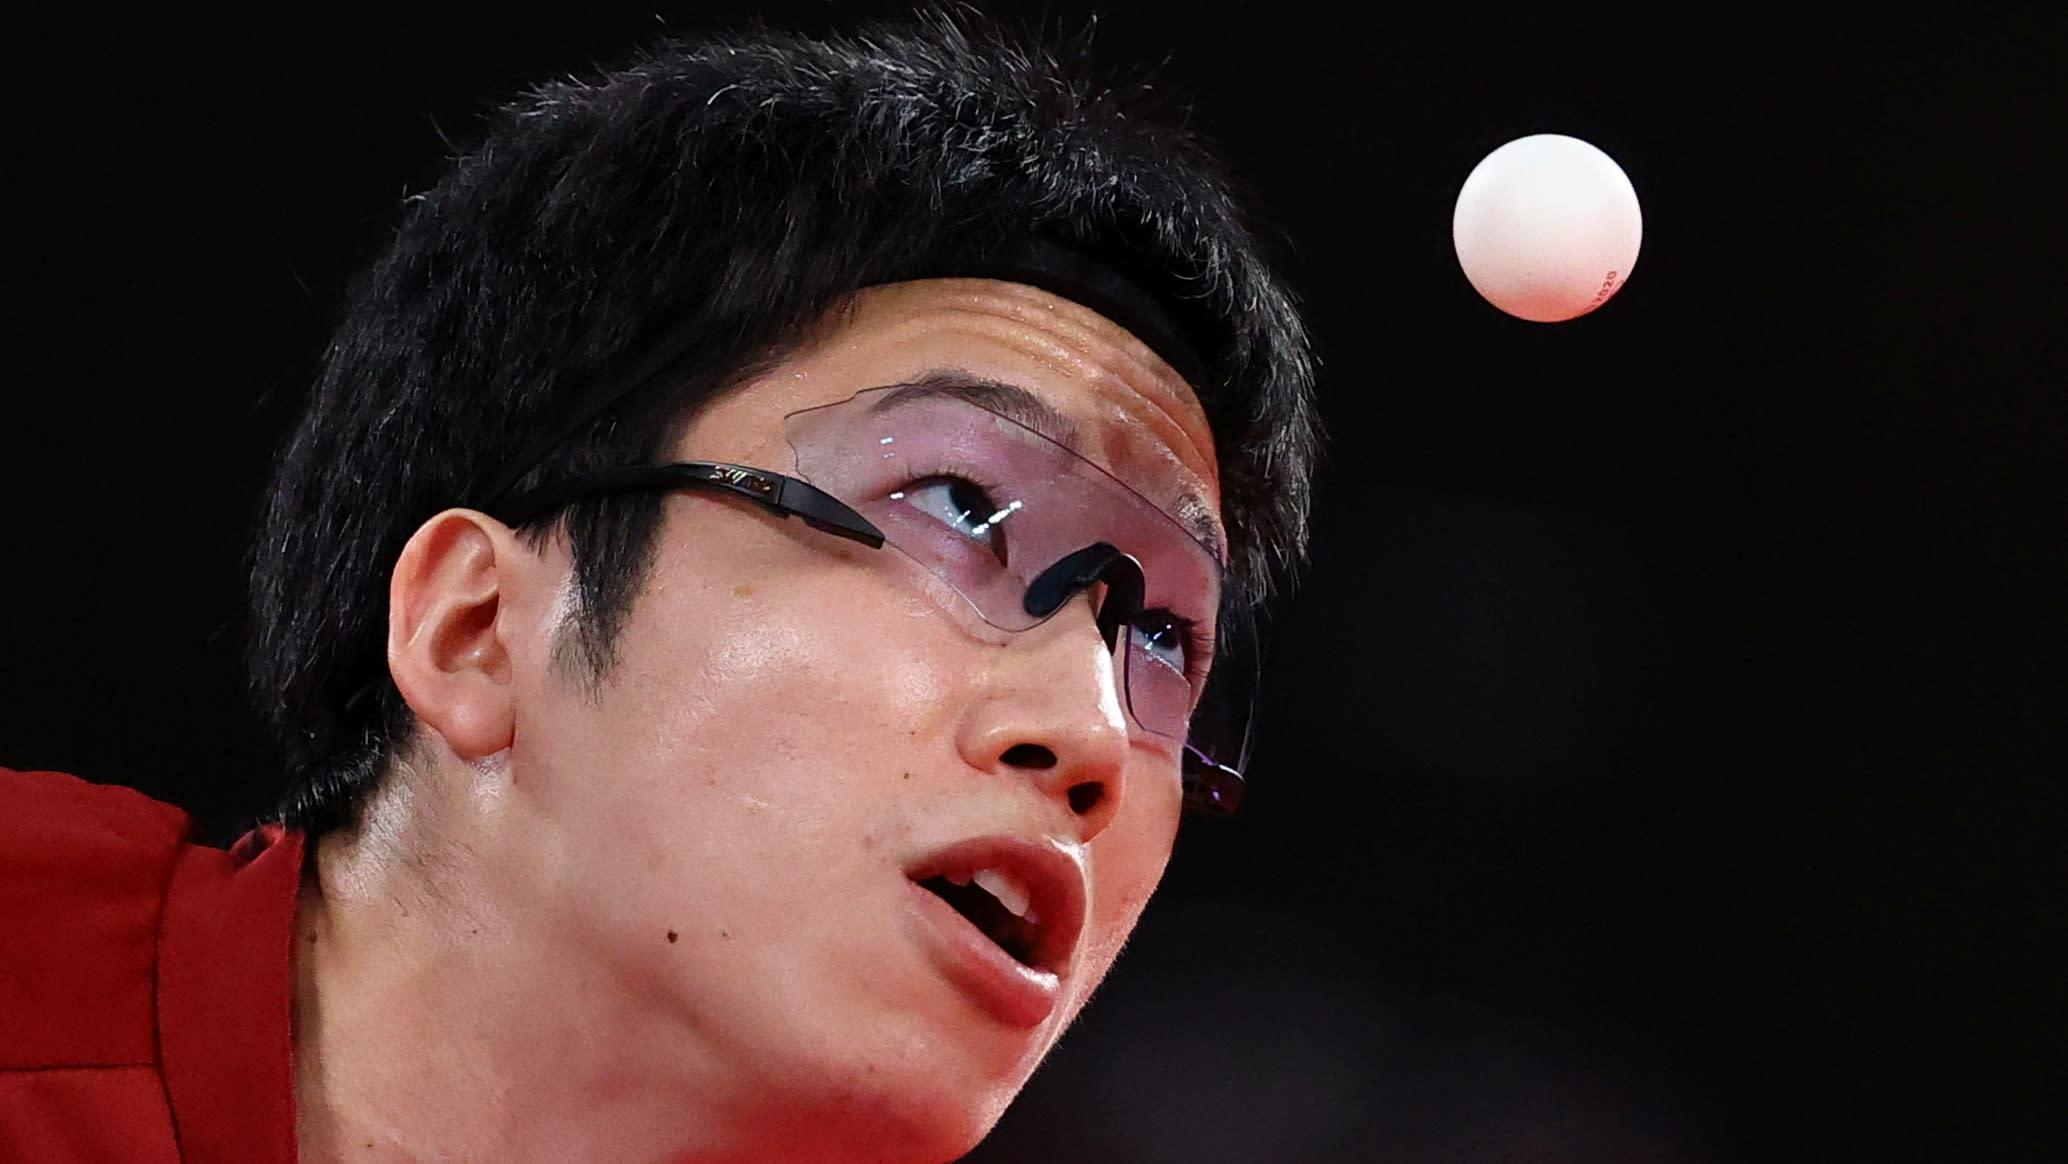 China's keyboard warriors take aim at Olympic athletes